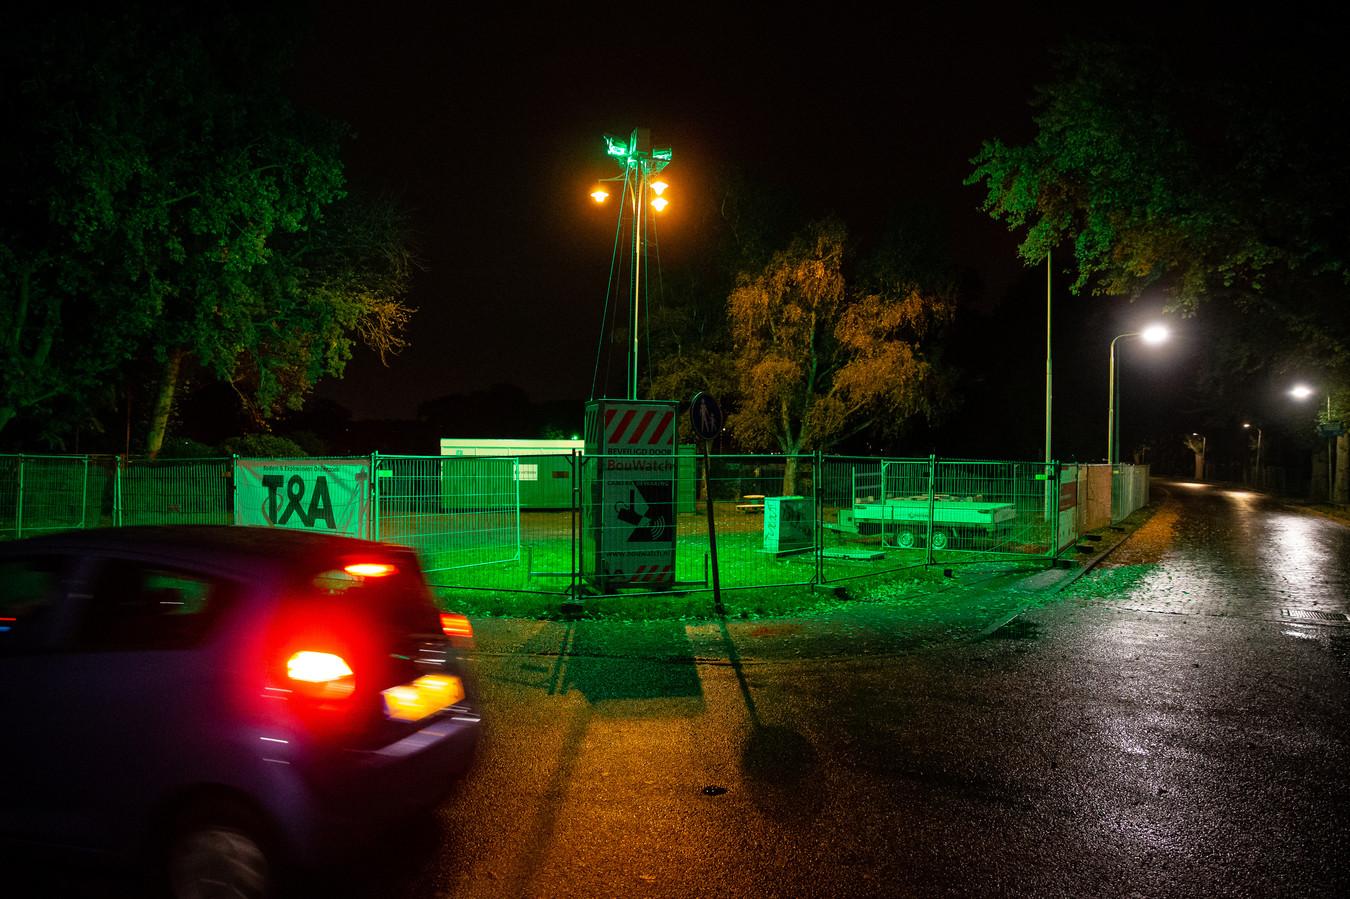 's Avonds en 's nachts is het afgesloten deel van het Goffertpark met groene lampen verlicht.